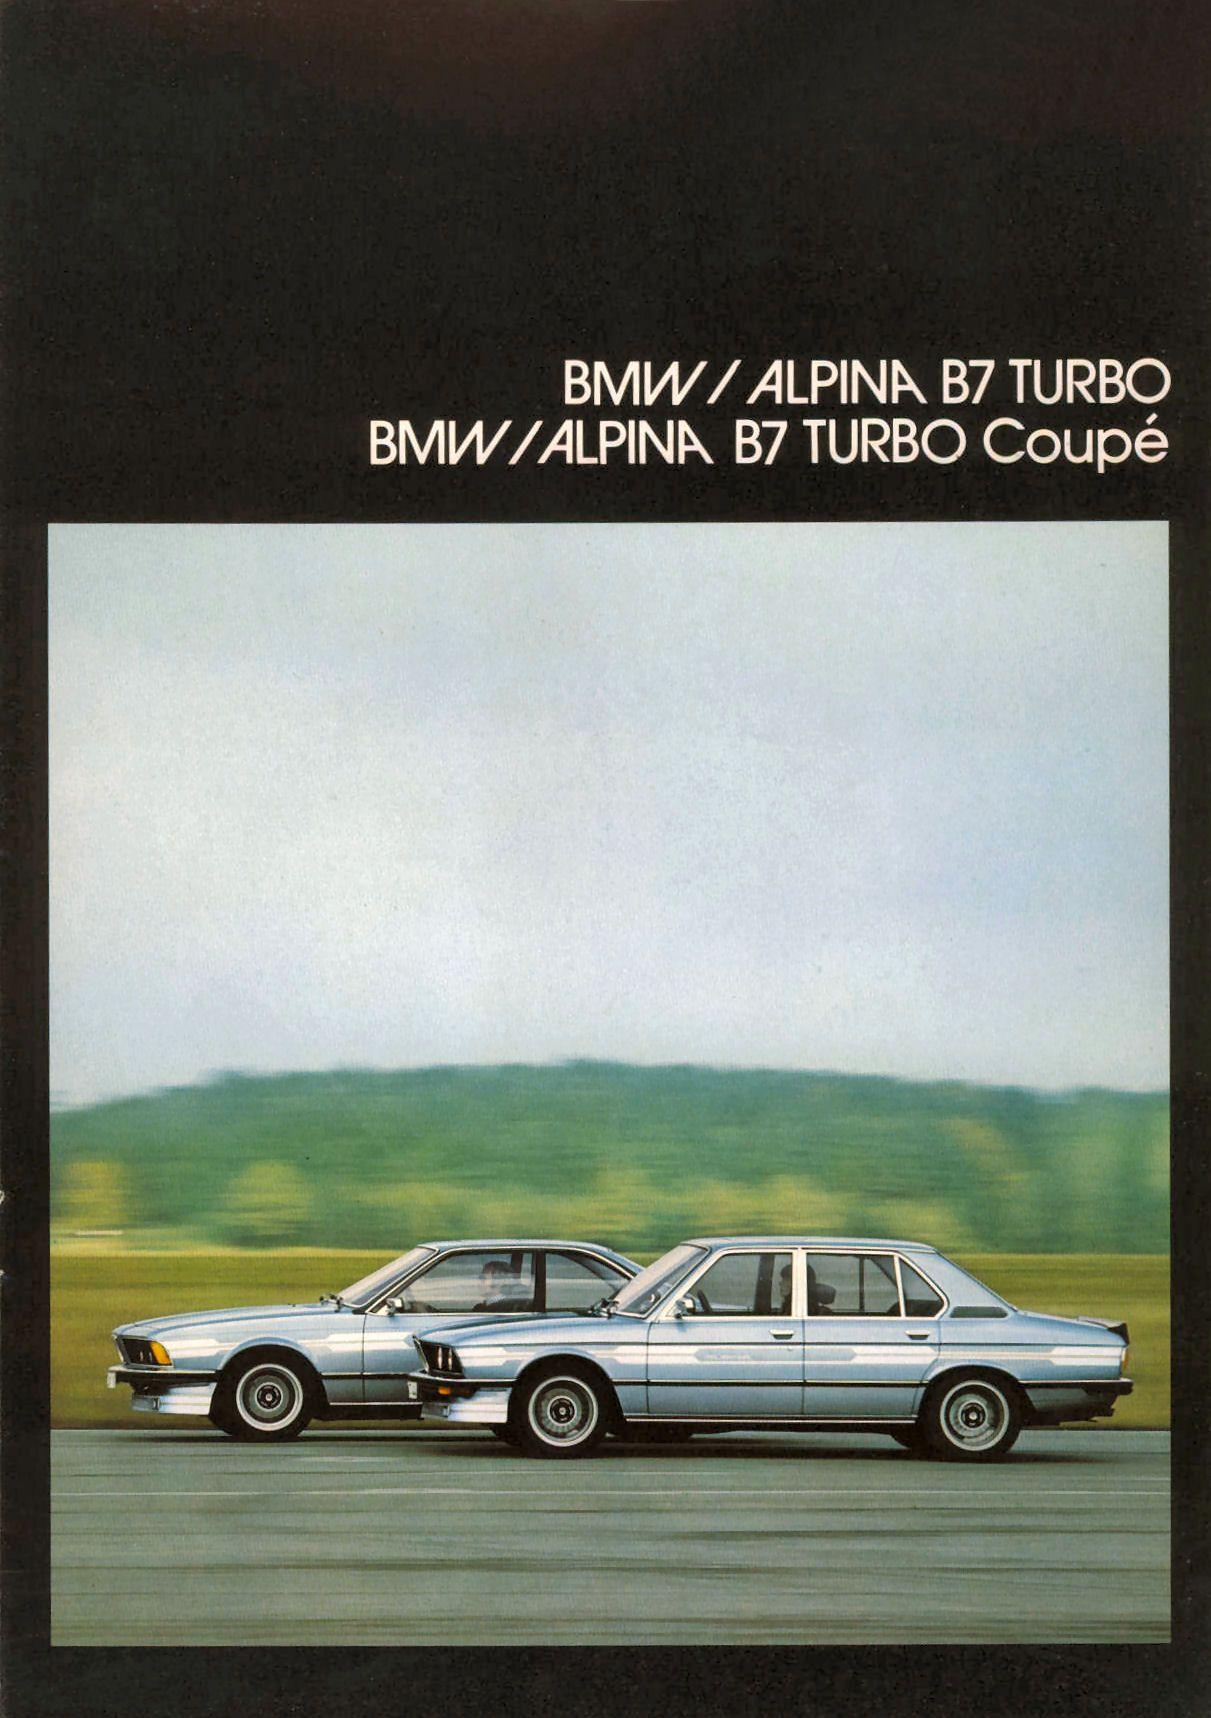 Bmw Old Car Images